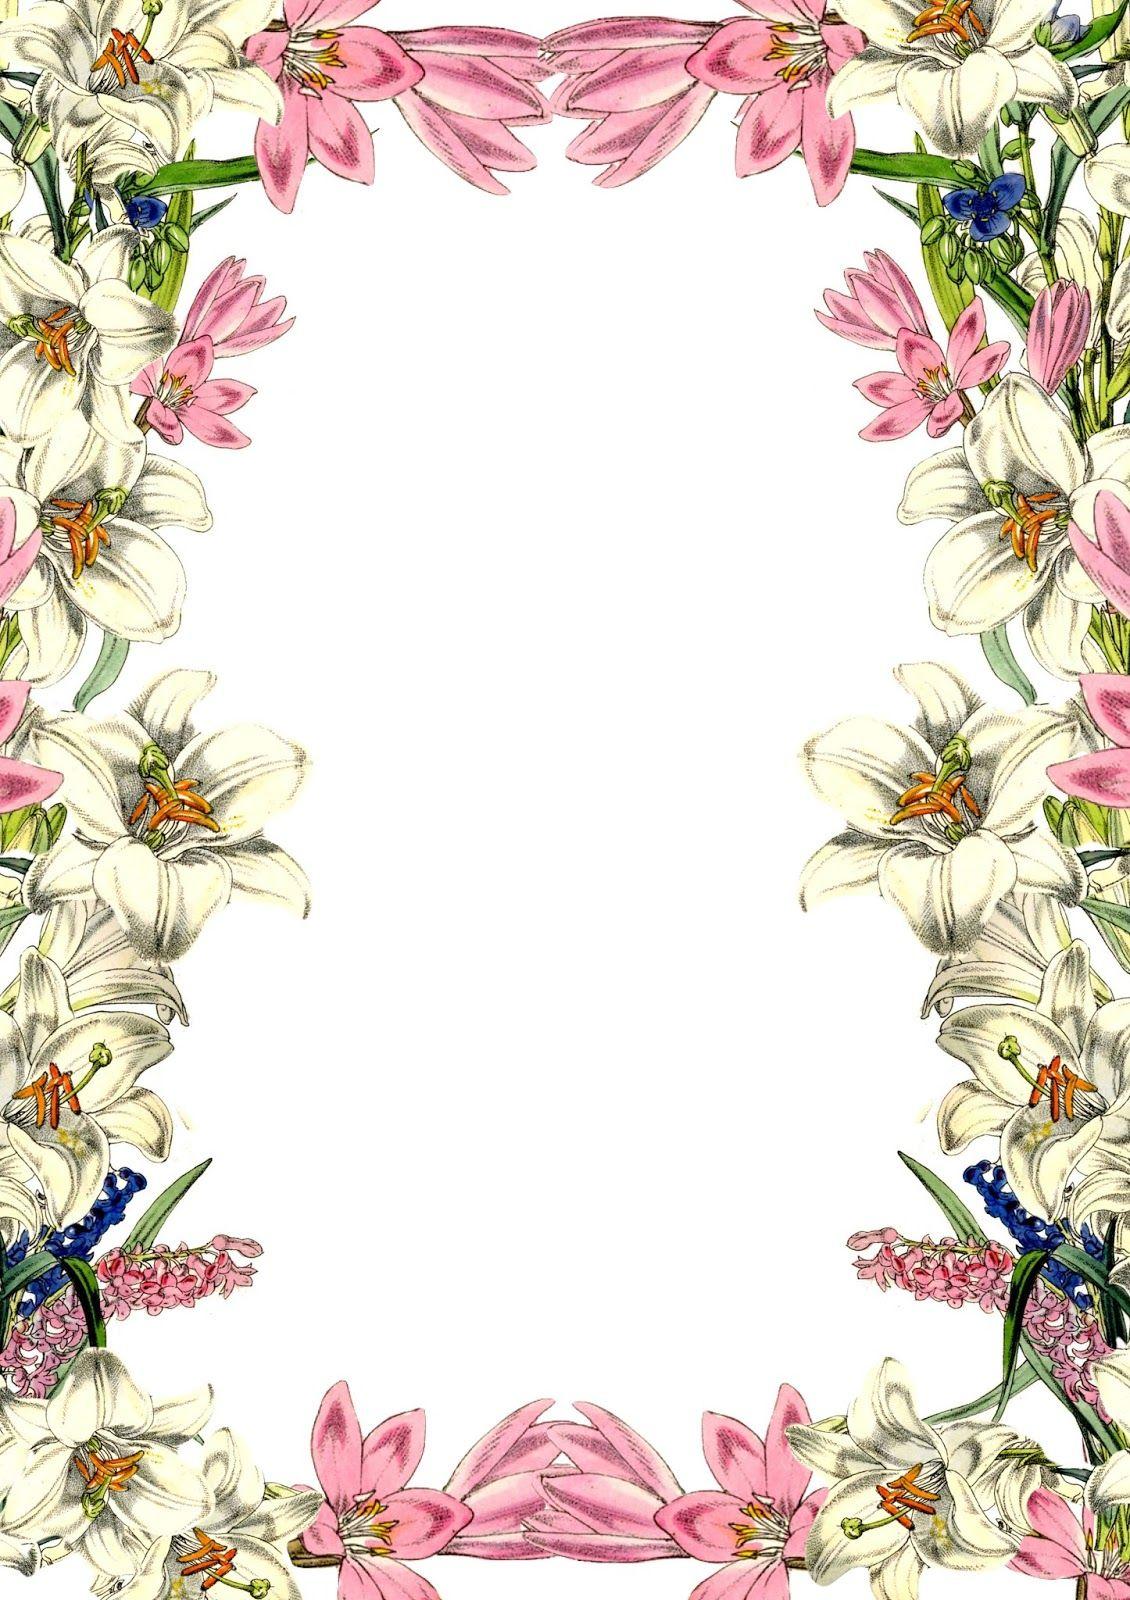 Free Digital Vintage Flower Scrapbooking Paper - Ausdruckbares - Free Printable Flowers